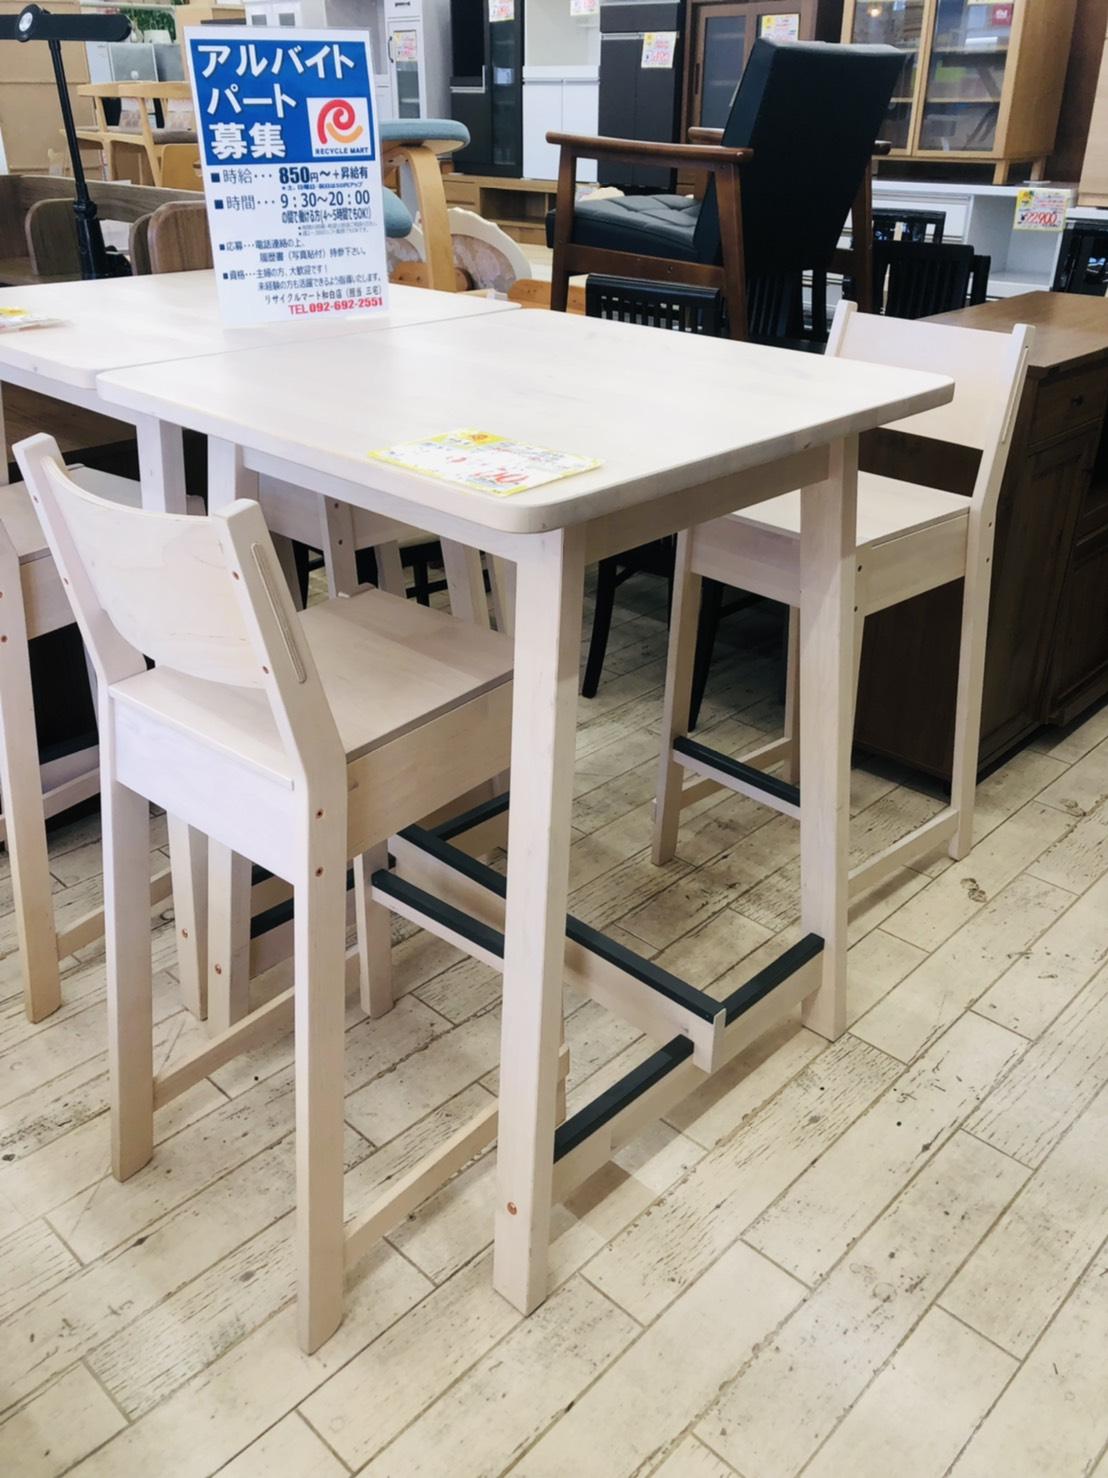 【★アイテム:ダイニング3点セット  ブランド:IKEA(イケア)カラー:ベージュ シリーズ:NORRAKER(ノッルオーケル)★】を買取りさせて頂きました。の買取-